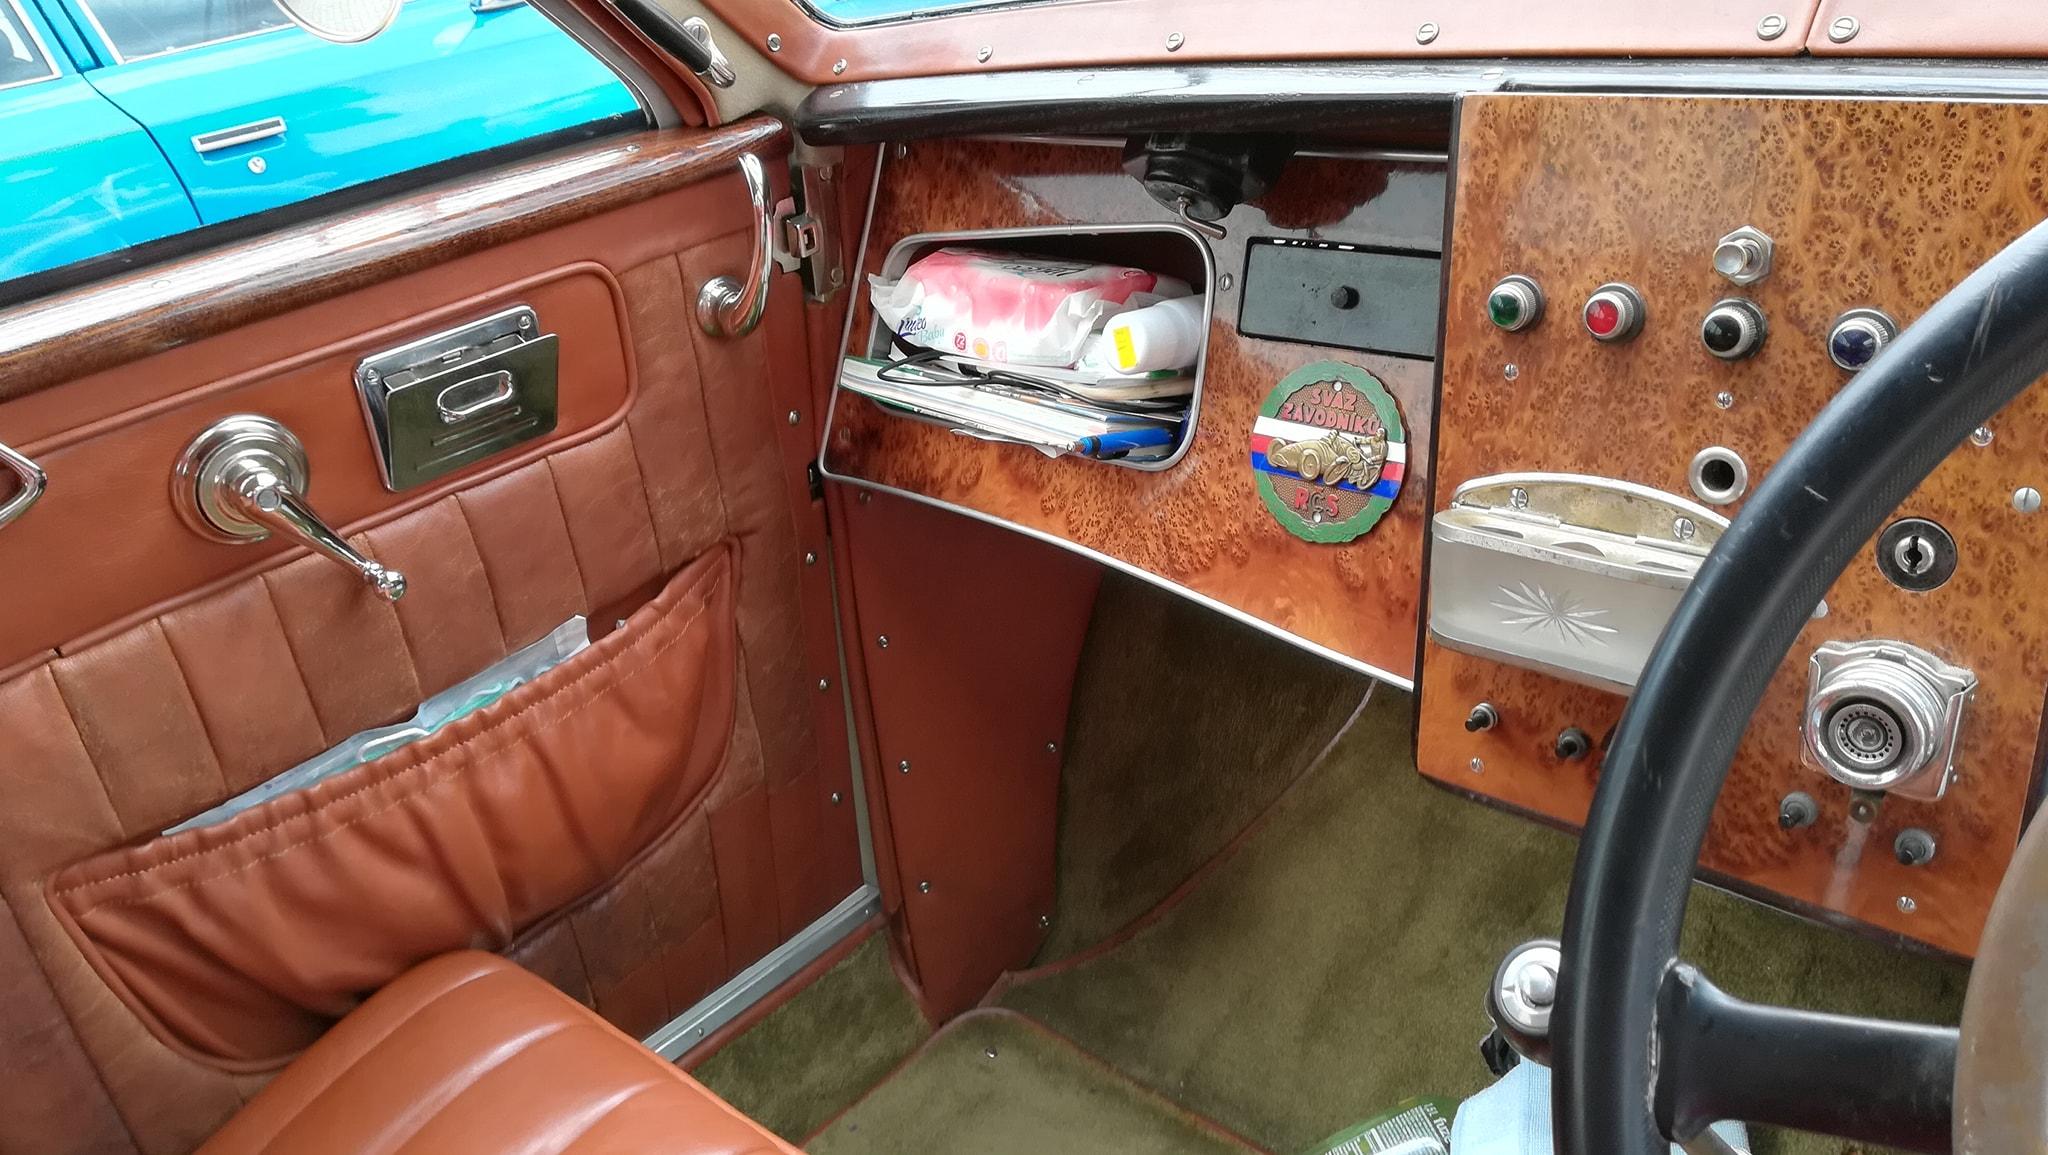 Tatra-77-1933-1934-klaar-gemaakt-voor-rally-1000-mij-in-CZ--(4)